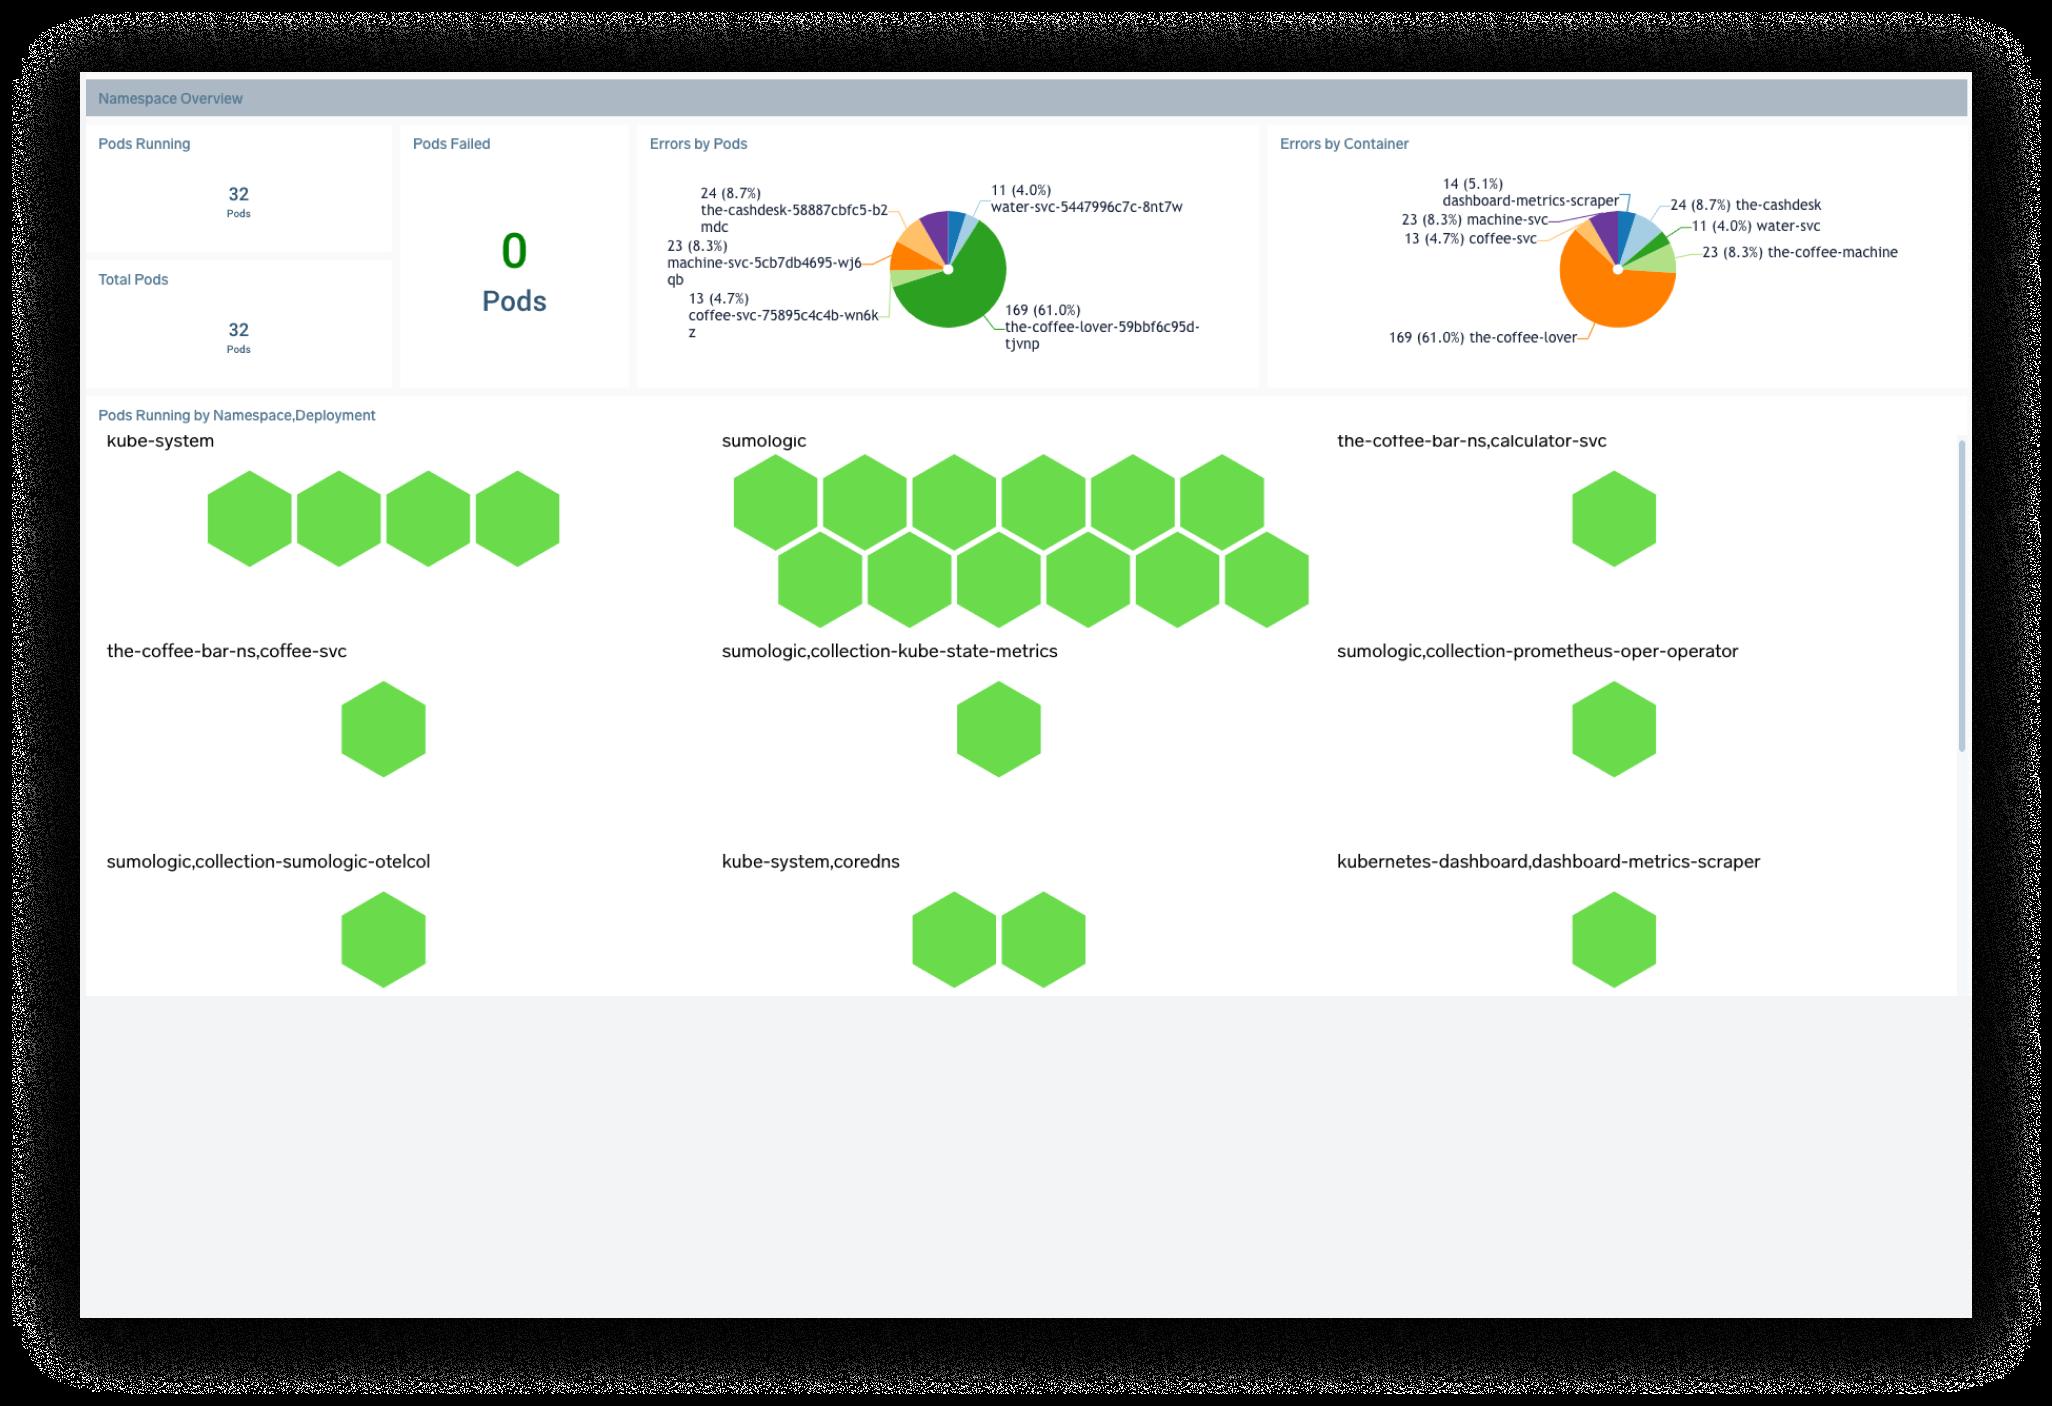 오픈 소스 데이터 수집 접근 방식